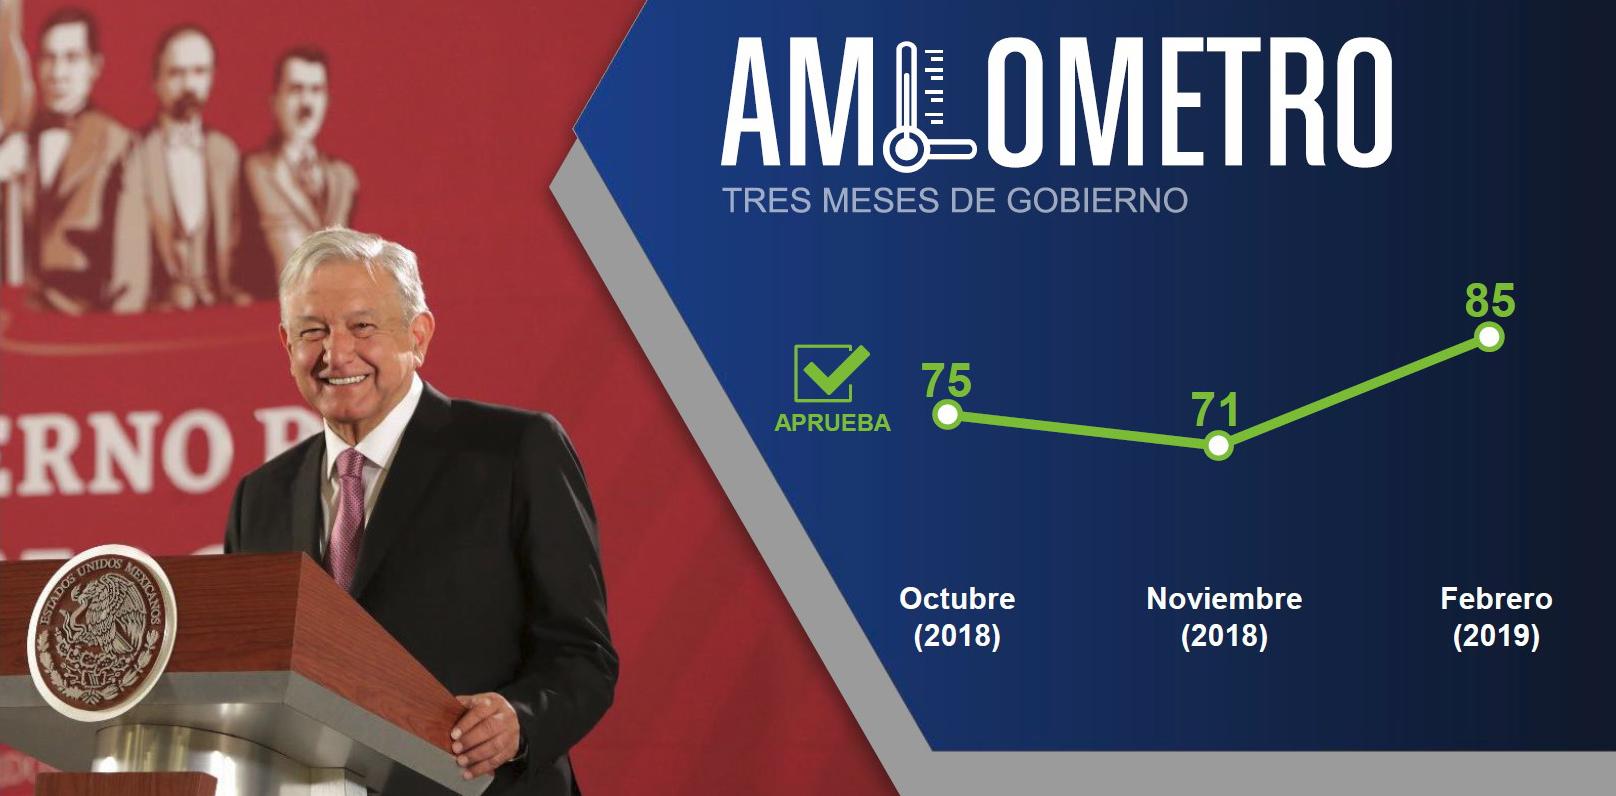 Llega AMLO con 85% de aprobación a tres meses de gobierno | El Imparcial de Oaxaca